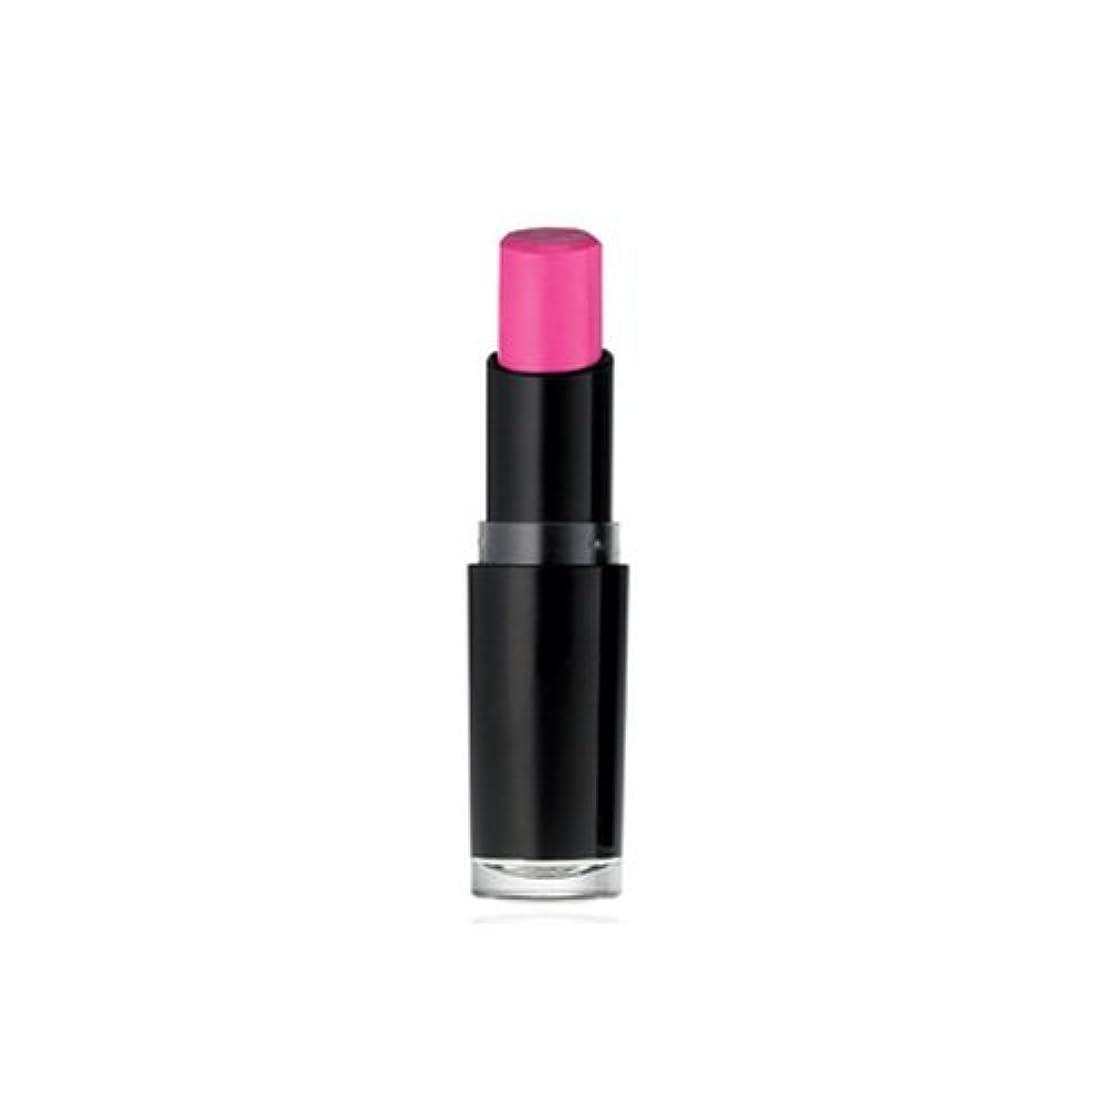 霜満州恐ろしいですWET N WILD Mega Last Matte Lip Cover - Dollhouse Pink (並行輸入品)